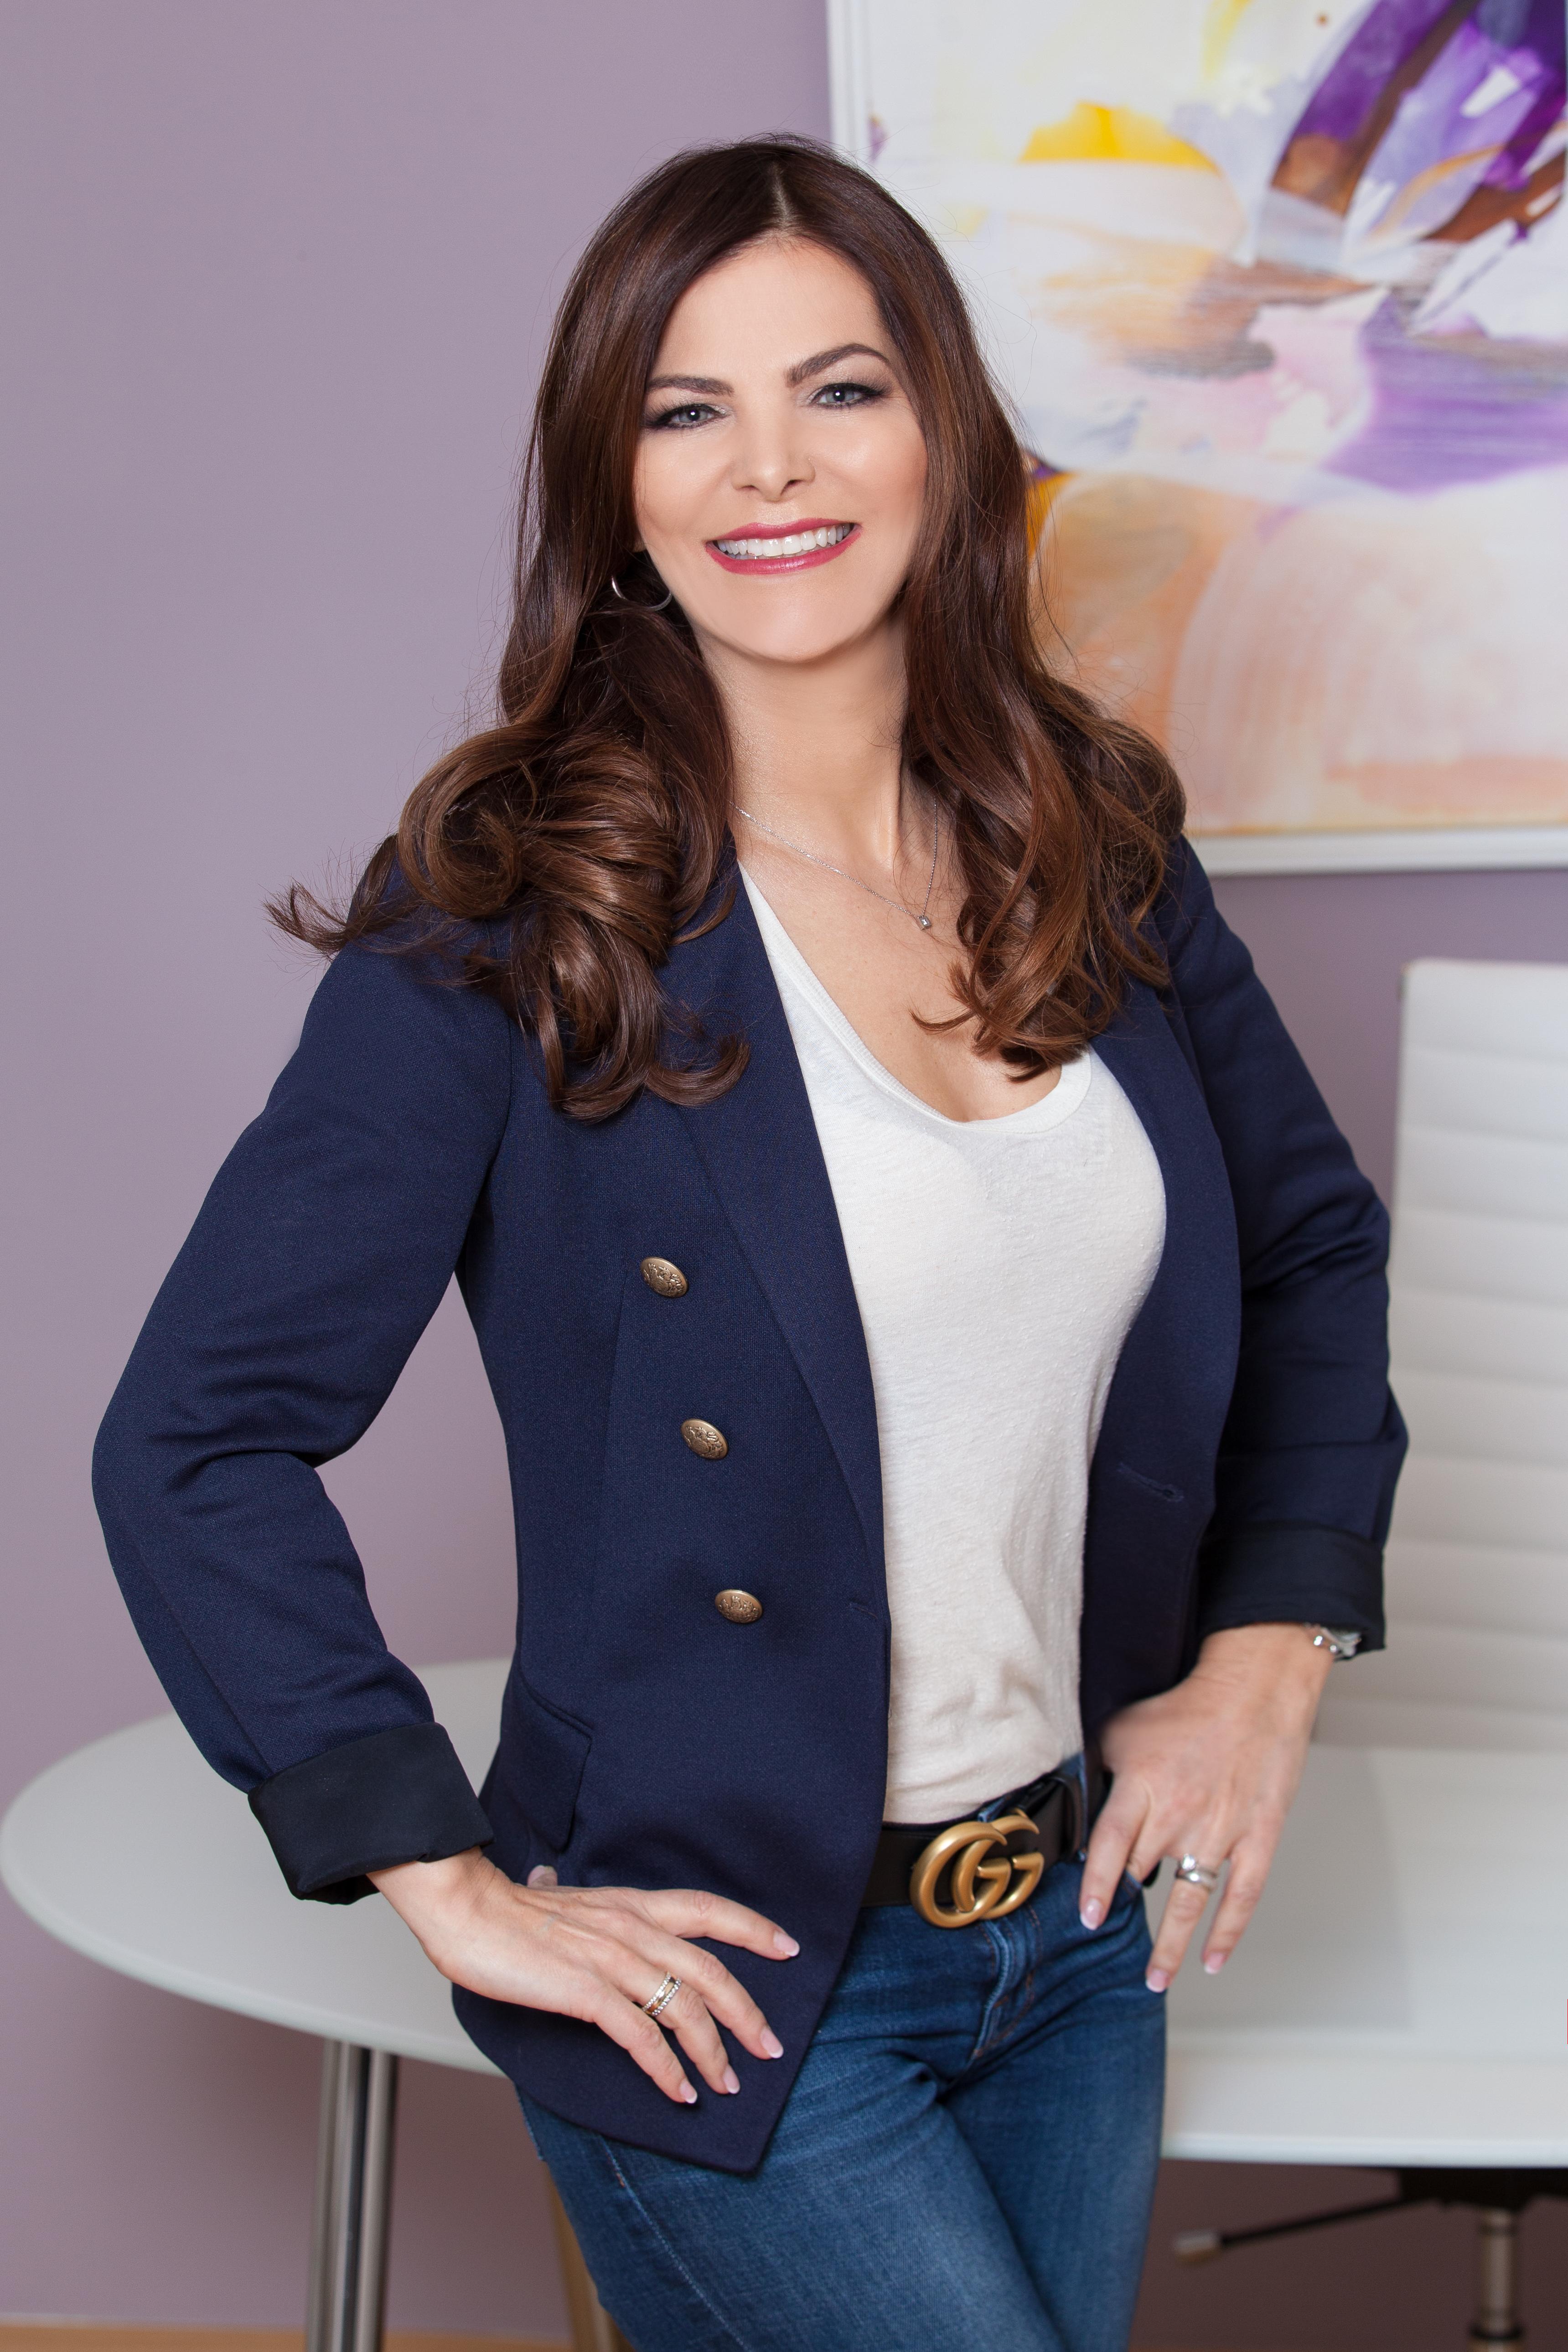 Dr Sheila De Liz